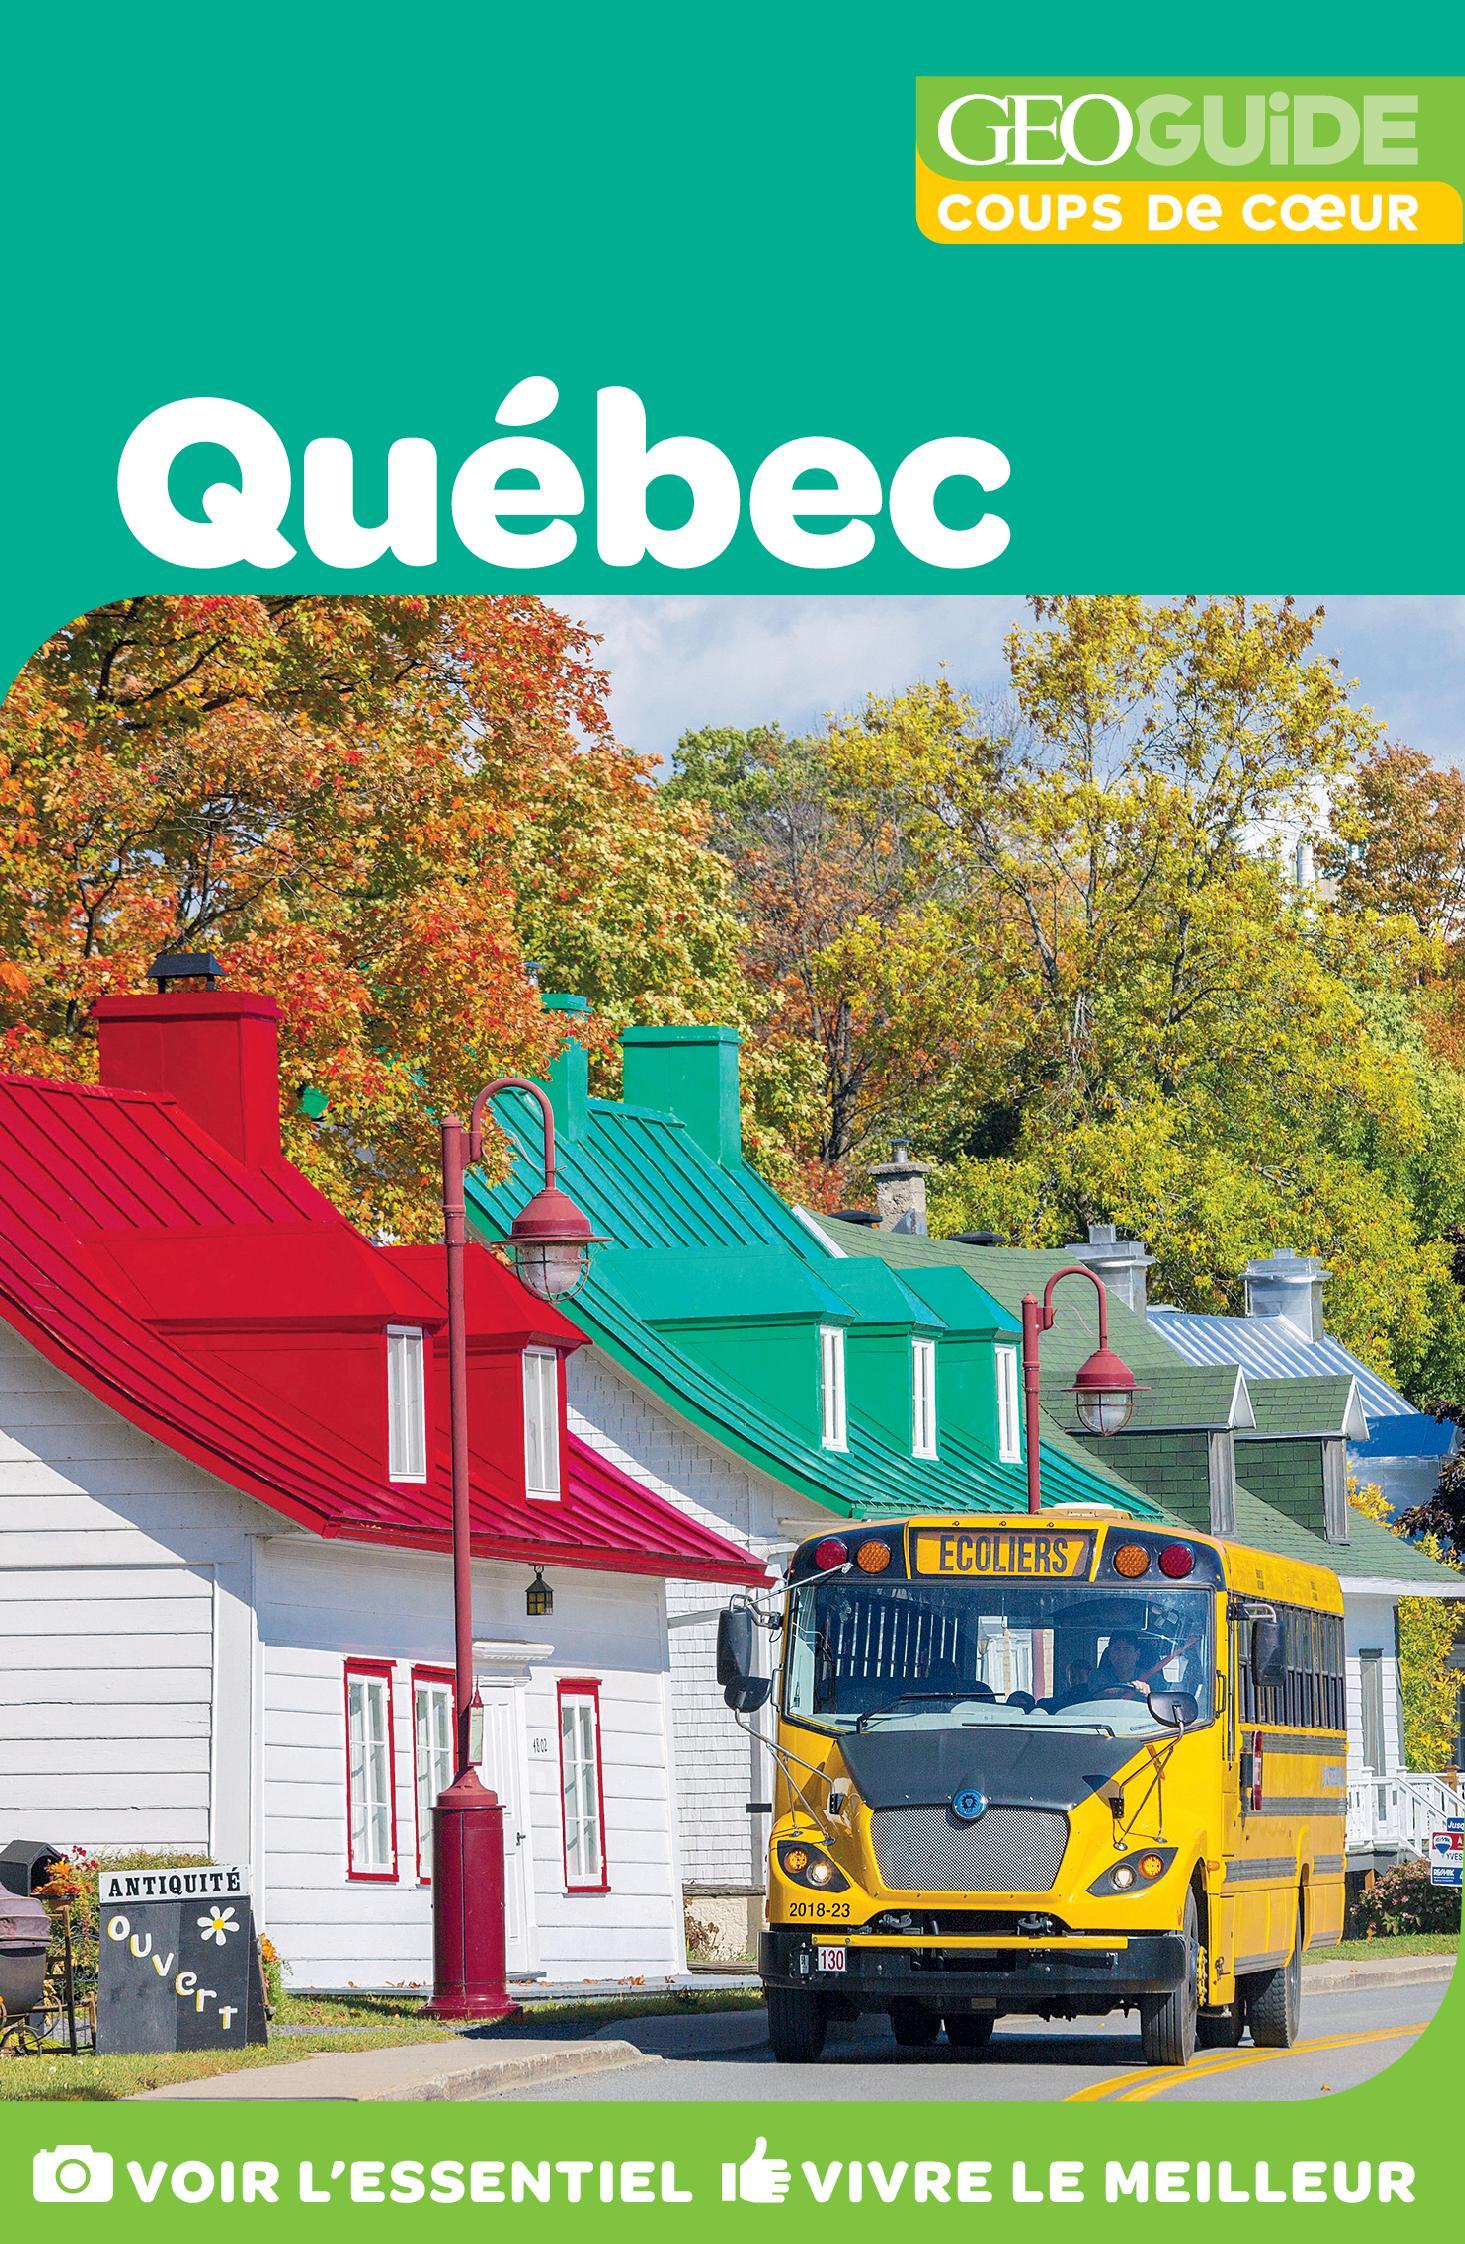 GEOguide Coups de coeur Québec